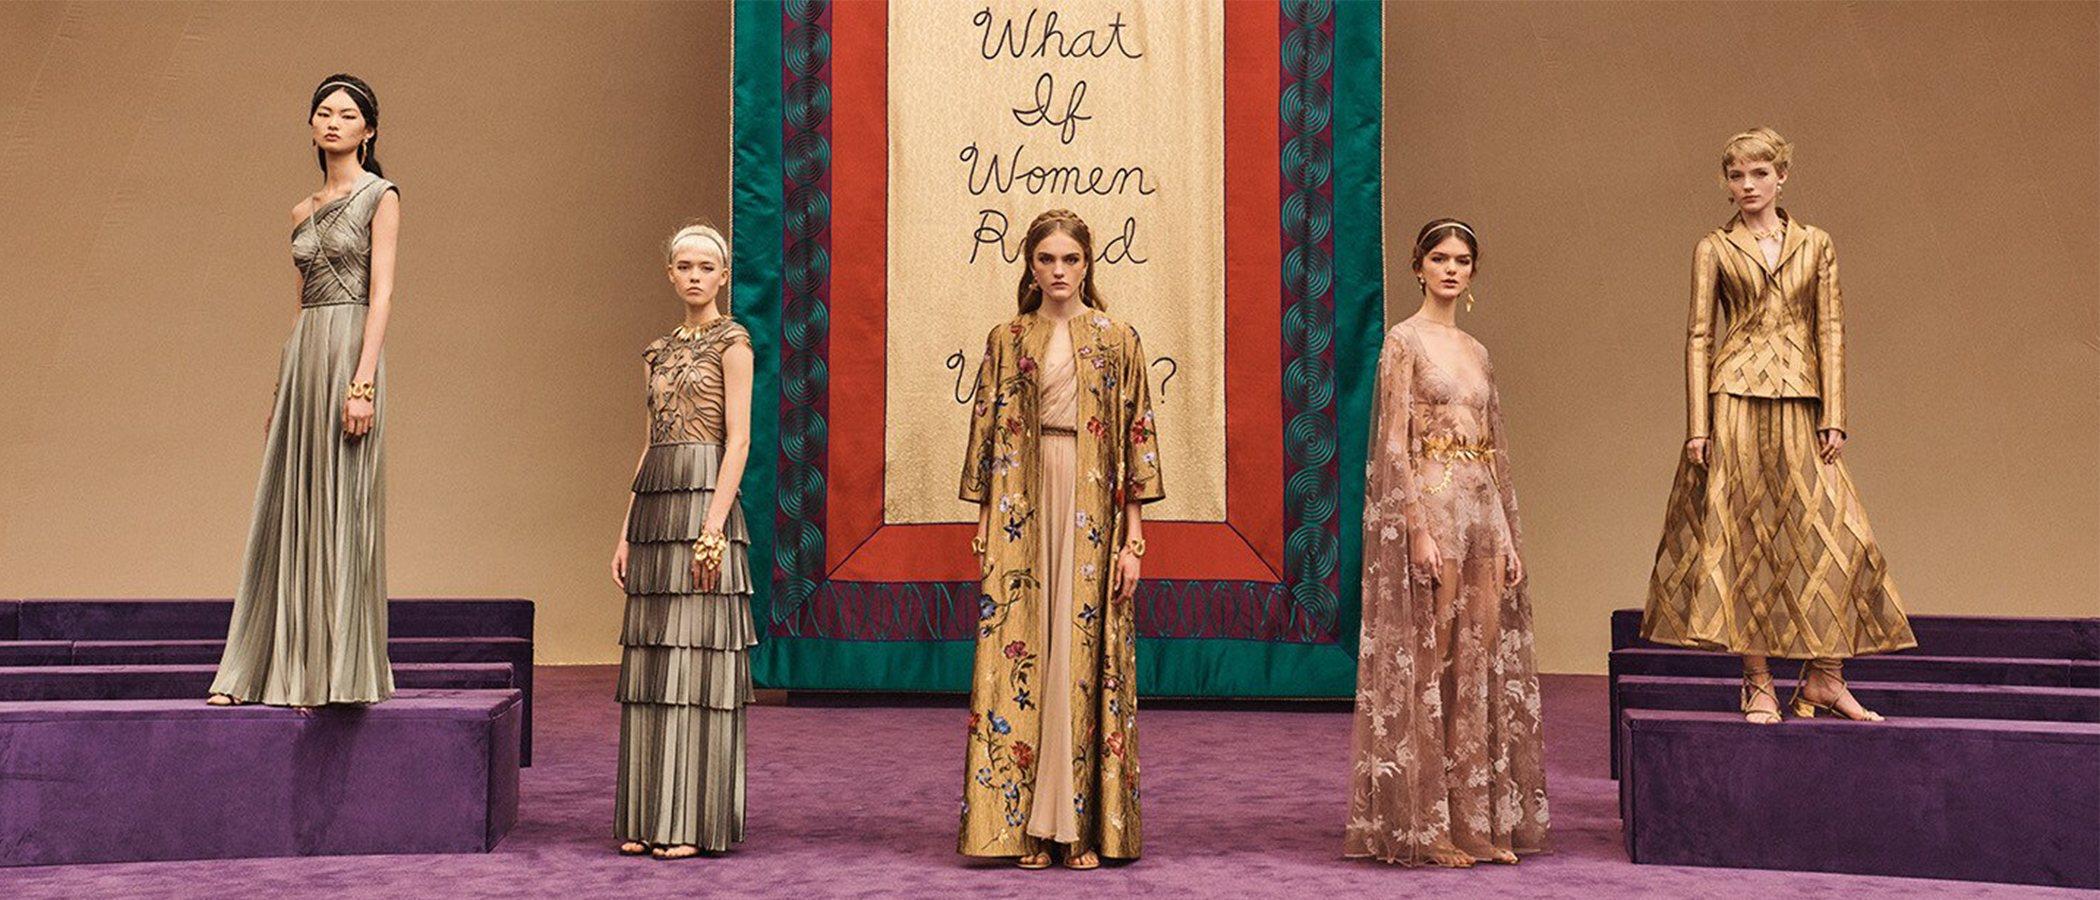 Las diosas griegas y Judy Chicago como eje central del desfile de Alta Costura 2020 de Dior